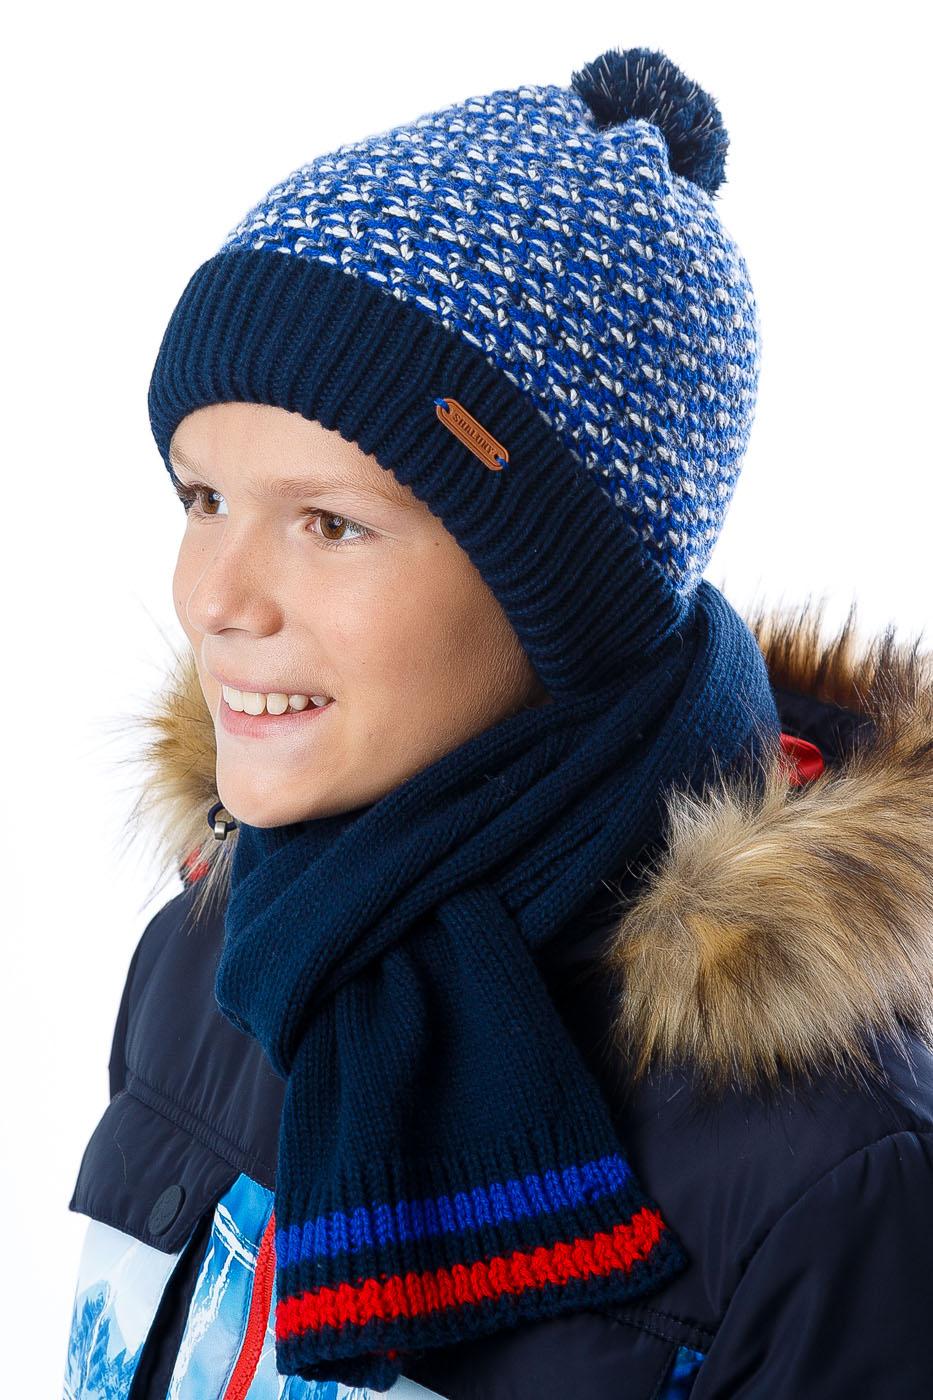 Шарф и шапка для мальчика (37 фото комплект вязаные зимние)